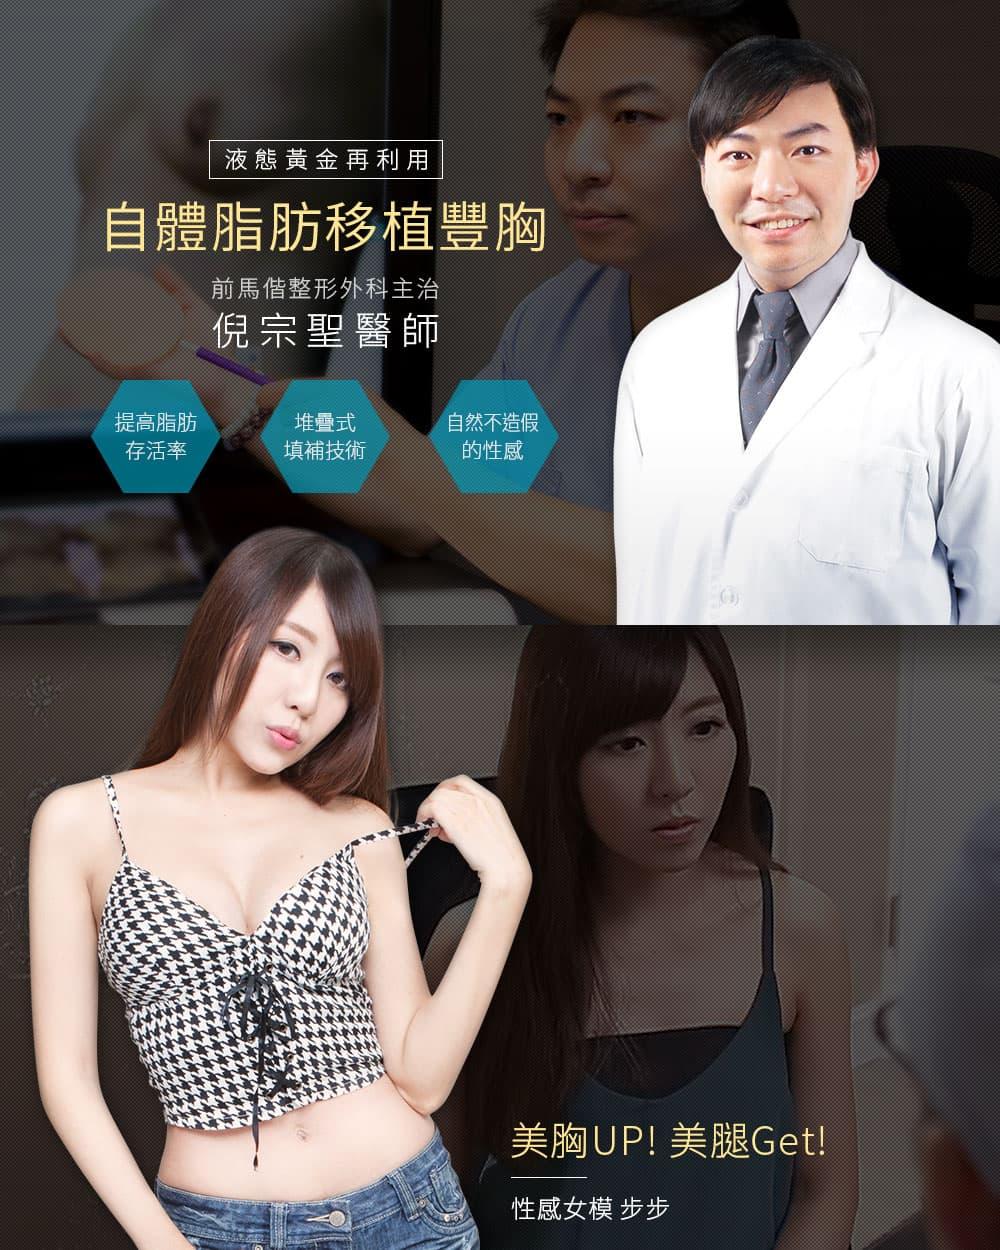 自體脂肪移植豐胸x倪宗聖醫師